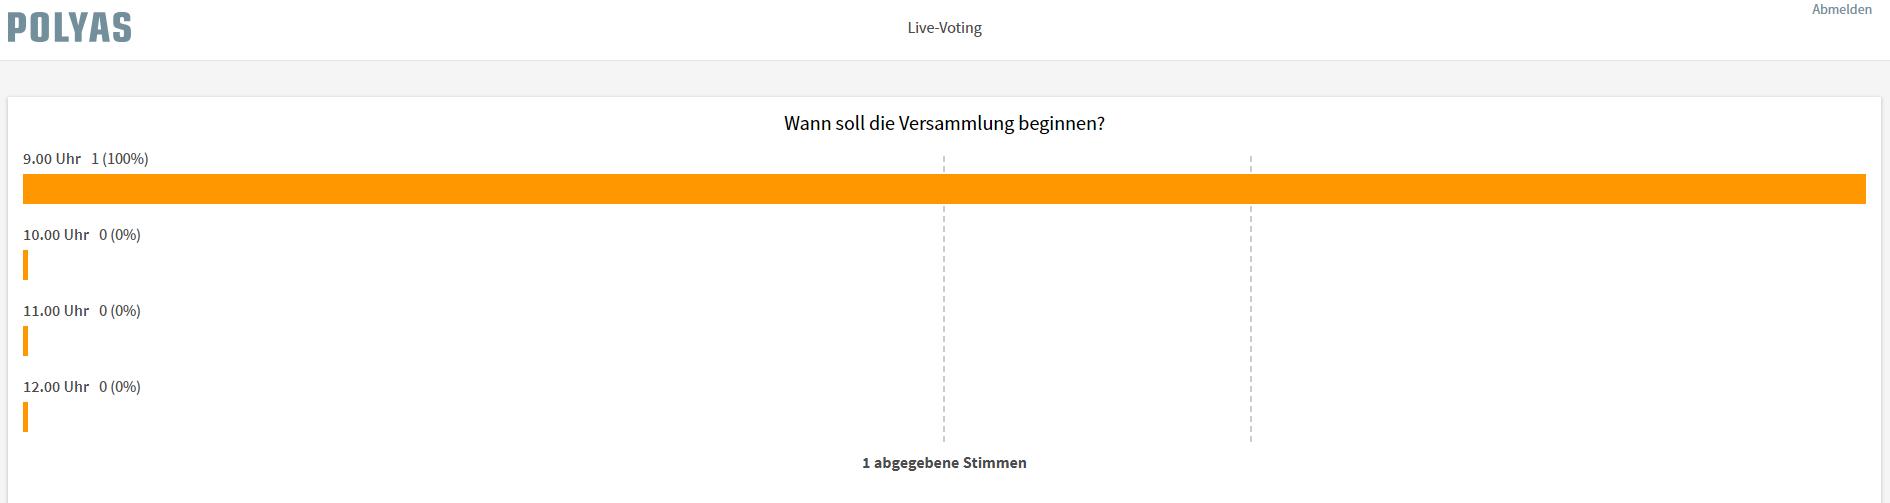 Das Ergebnis des Live Votings wird auf allen Geräten angezeigt